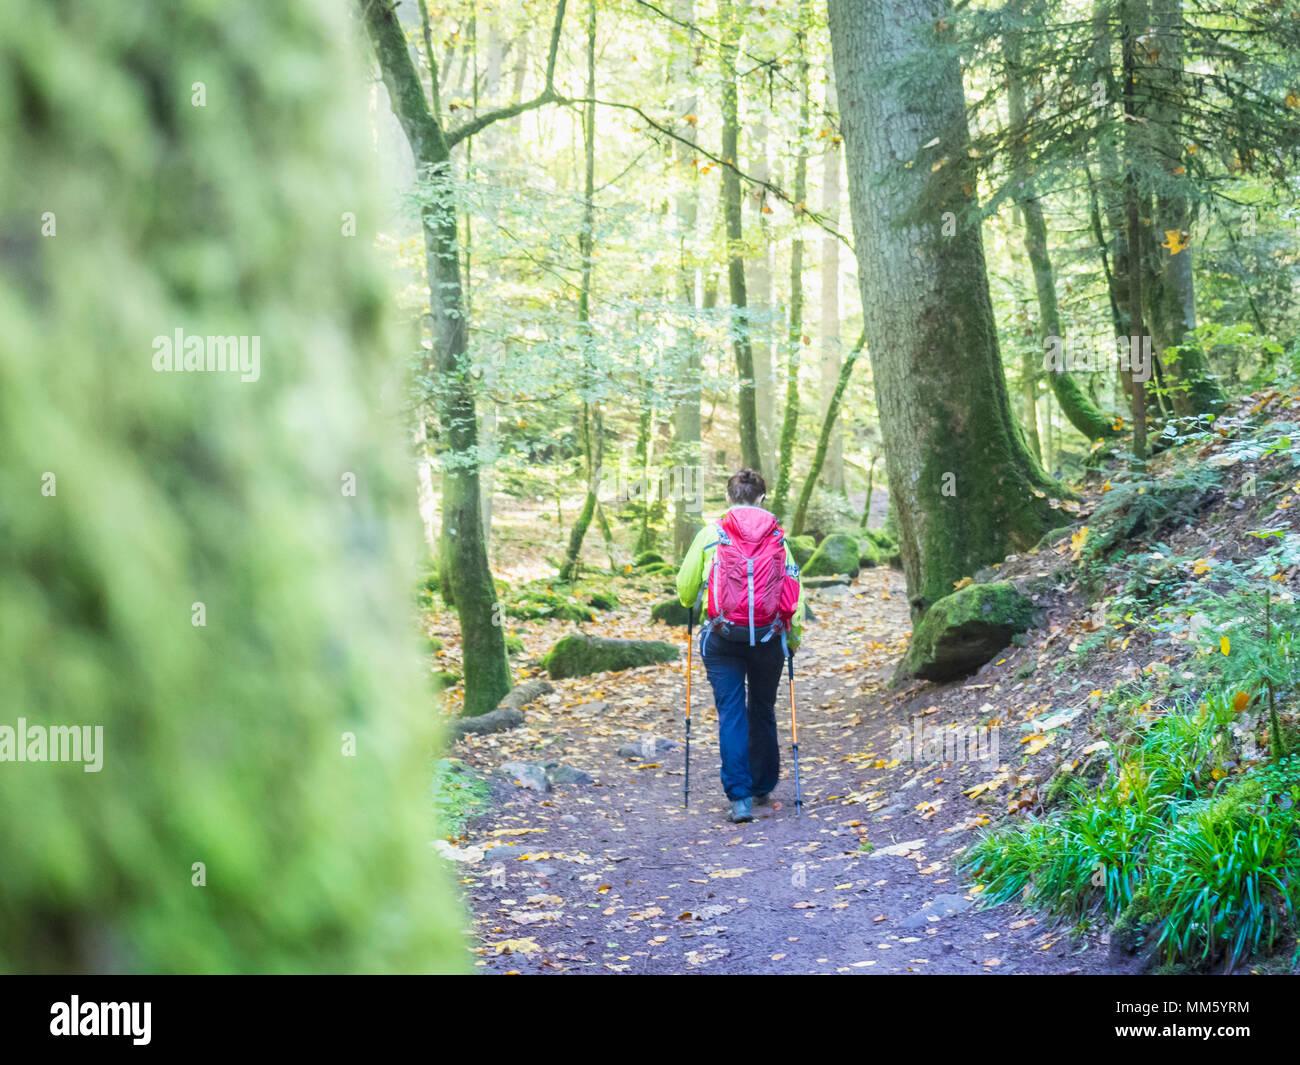 Frau auf Wanderung im Nördlichen Schwarzwald, Monbachtal, 'Bad Liebenzell', Baden-Württemberg, Deutschland Stockbild